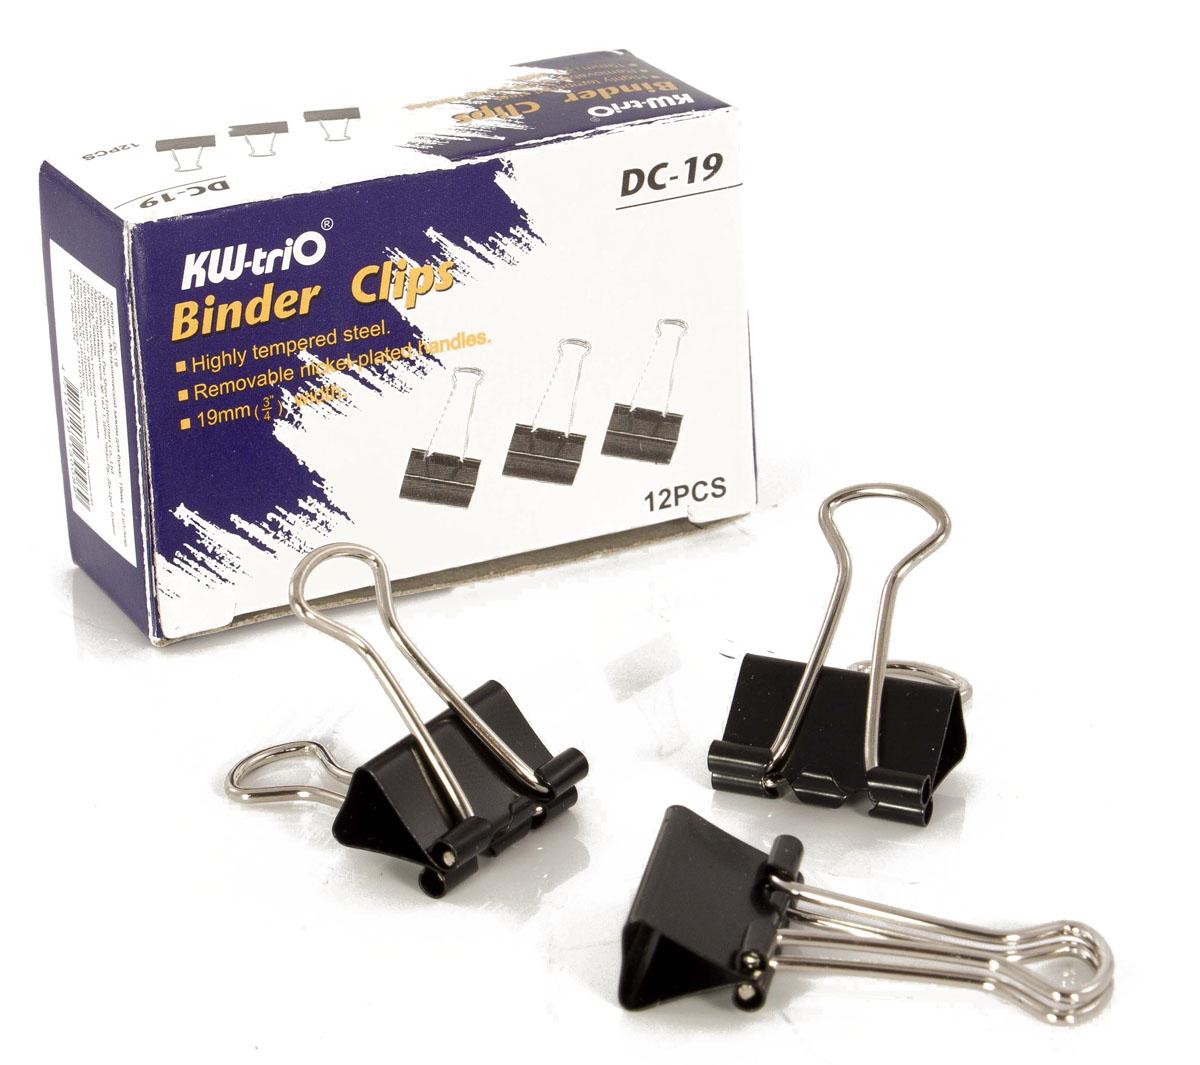 KW-Тrio Зажим для бумаг цвет черный 19 мм 12 шт1078721Зажим для бумаг KW-Тrio предназначен для скрепления бумажных носителей. Зажим выполнен из металла.В упаковке 12 зажимов черного цвета. Они надежно и легко скрепляют, не деформируют бумагу, не оставляют на ней следов.